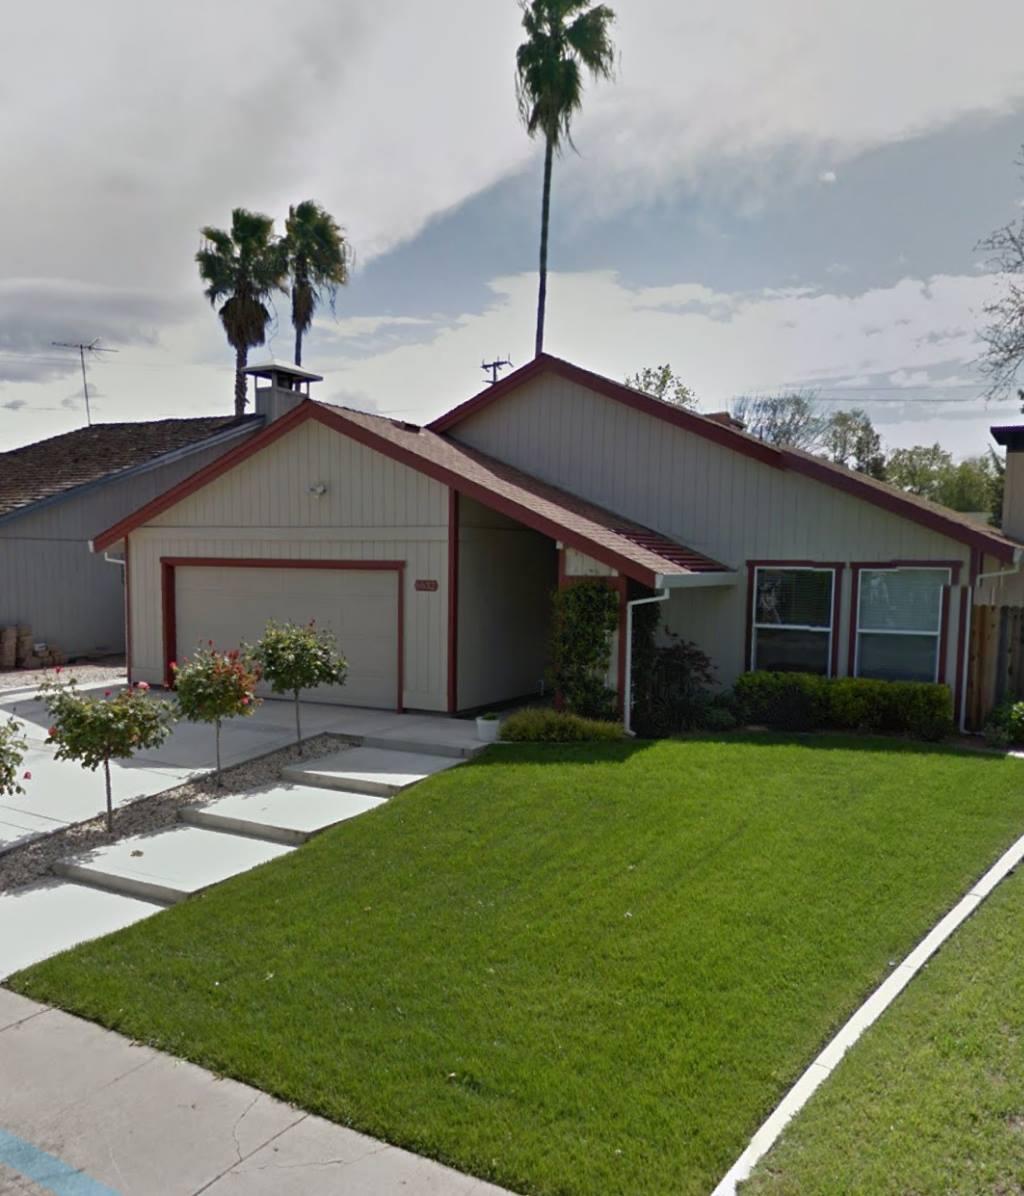 6632 Branchwater Way, Citrus Heights, CA 95621-1069